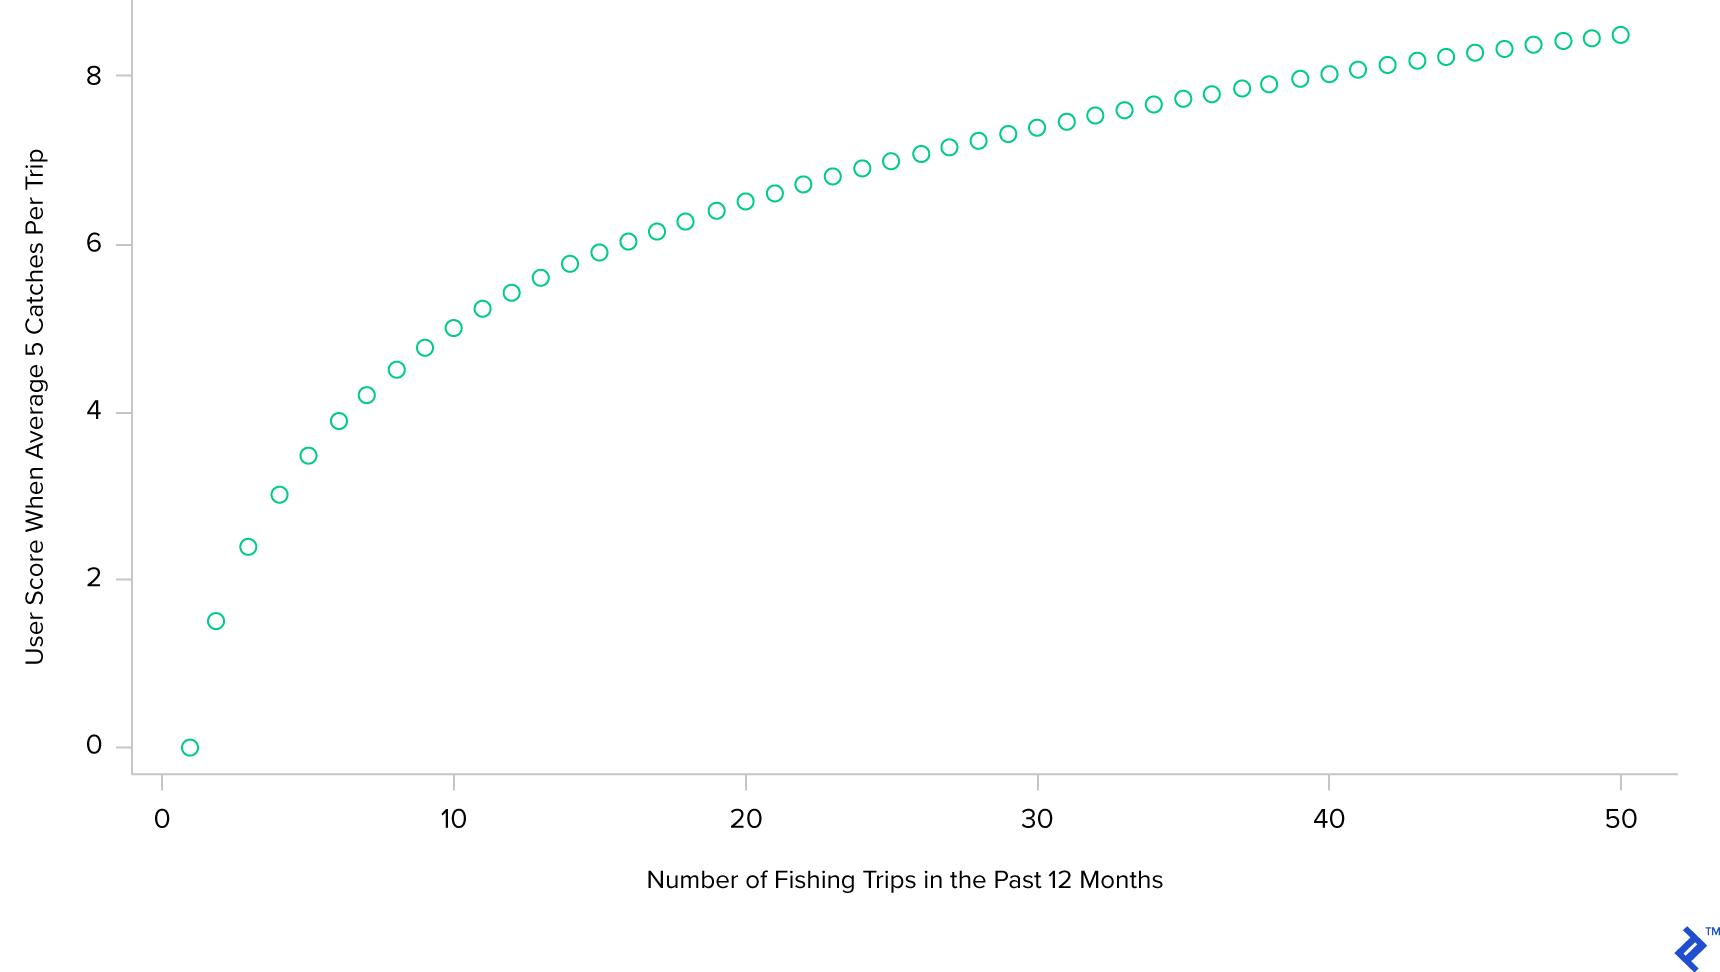 Sample chart output after running knitr and AsciiDoc.